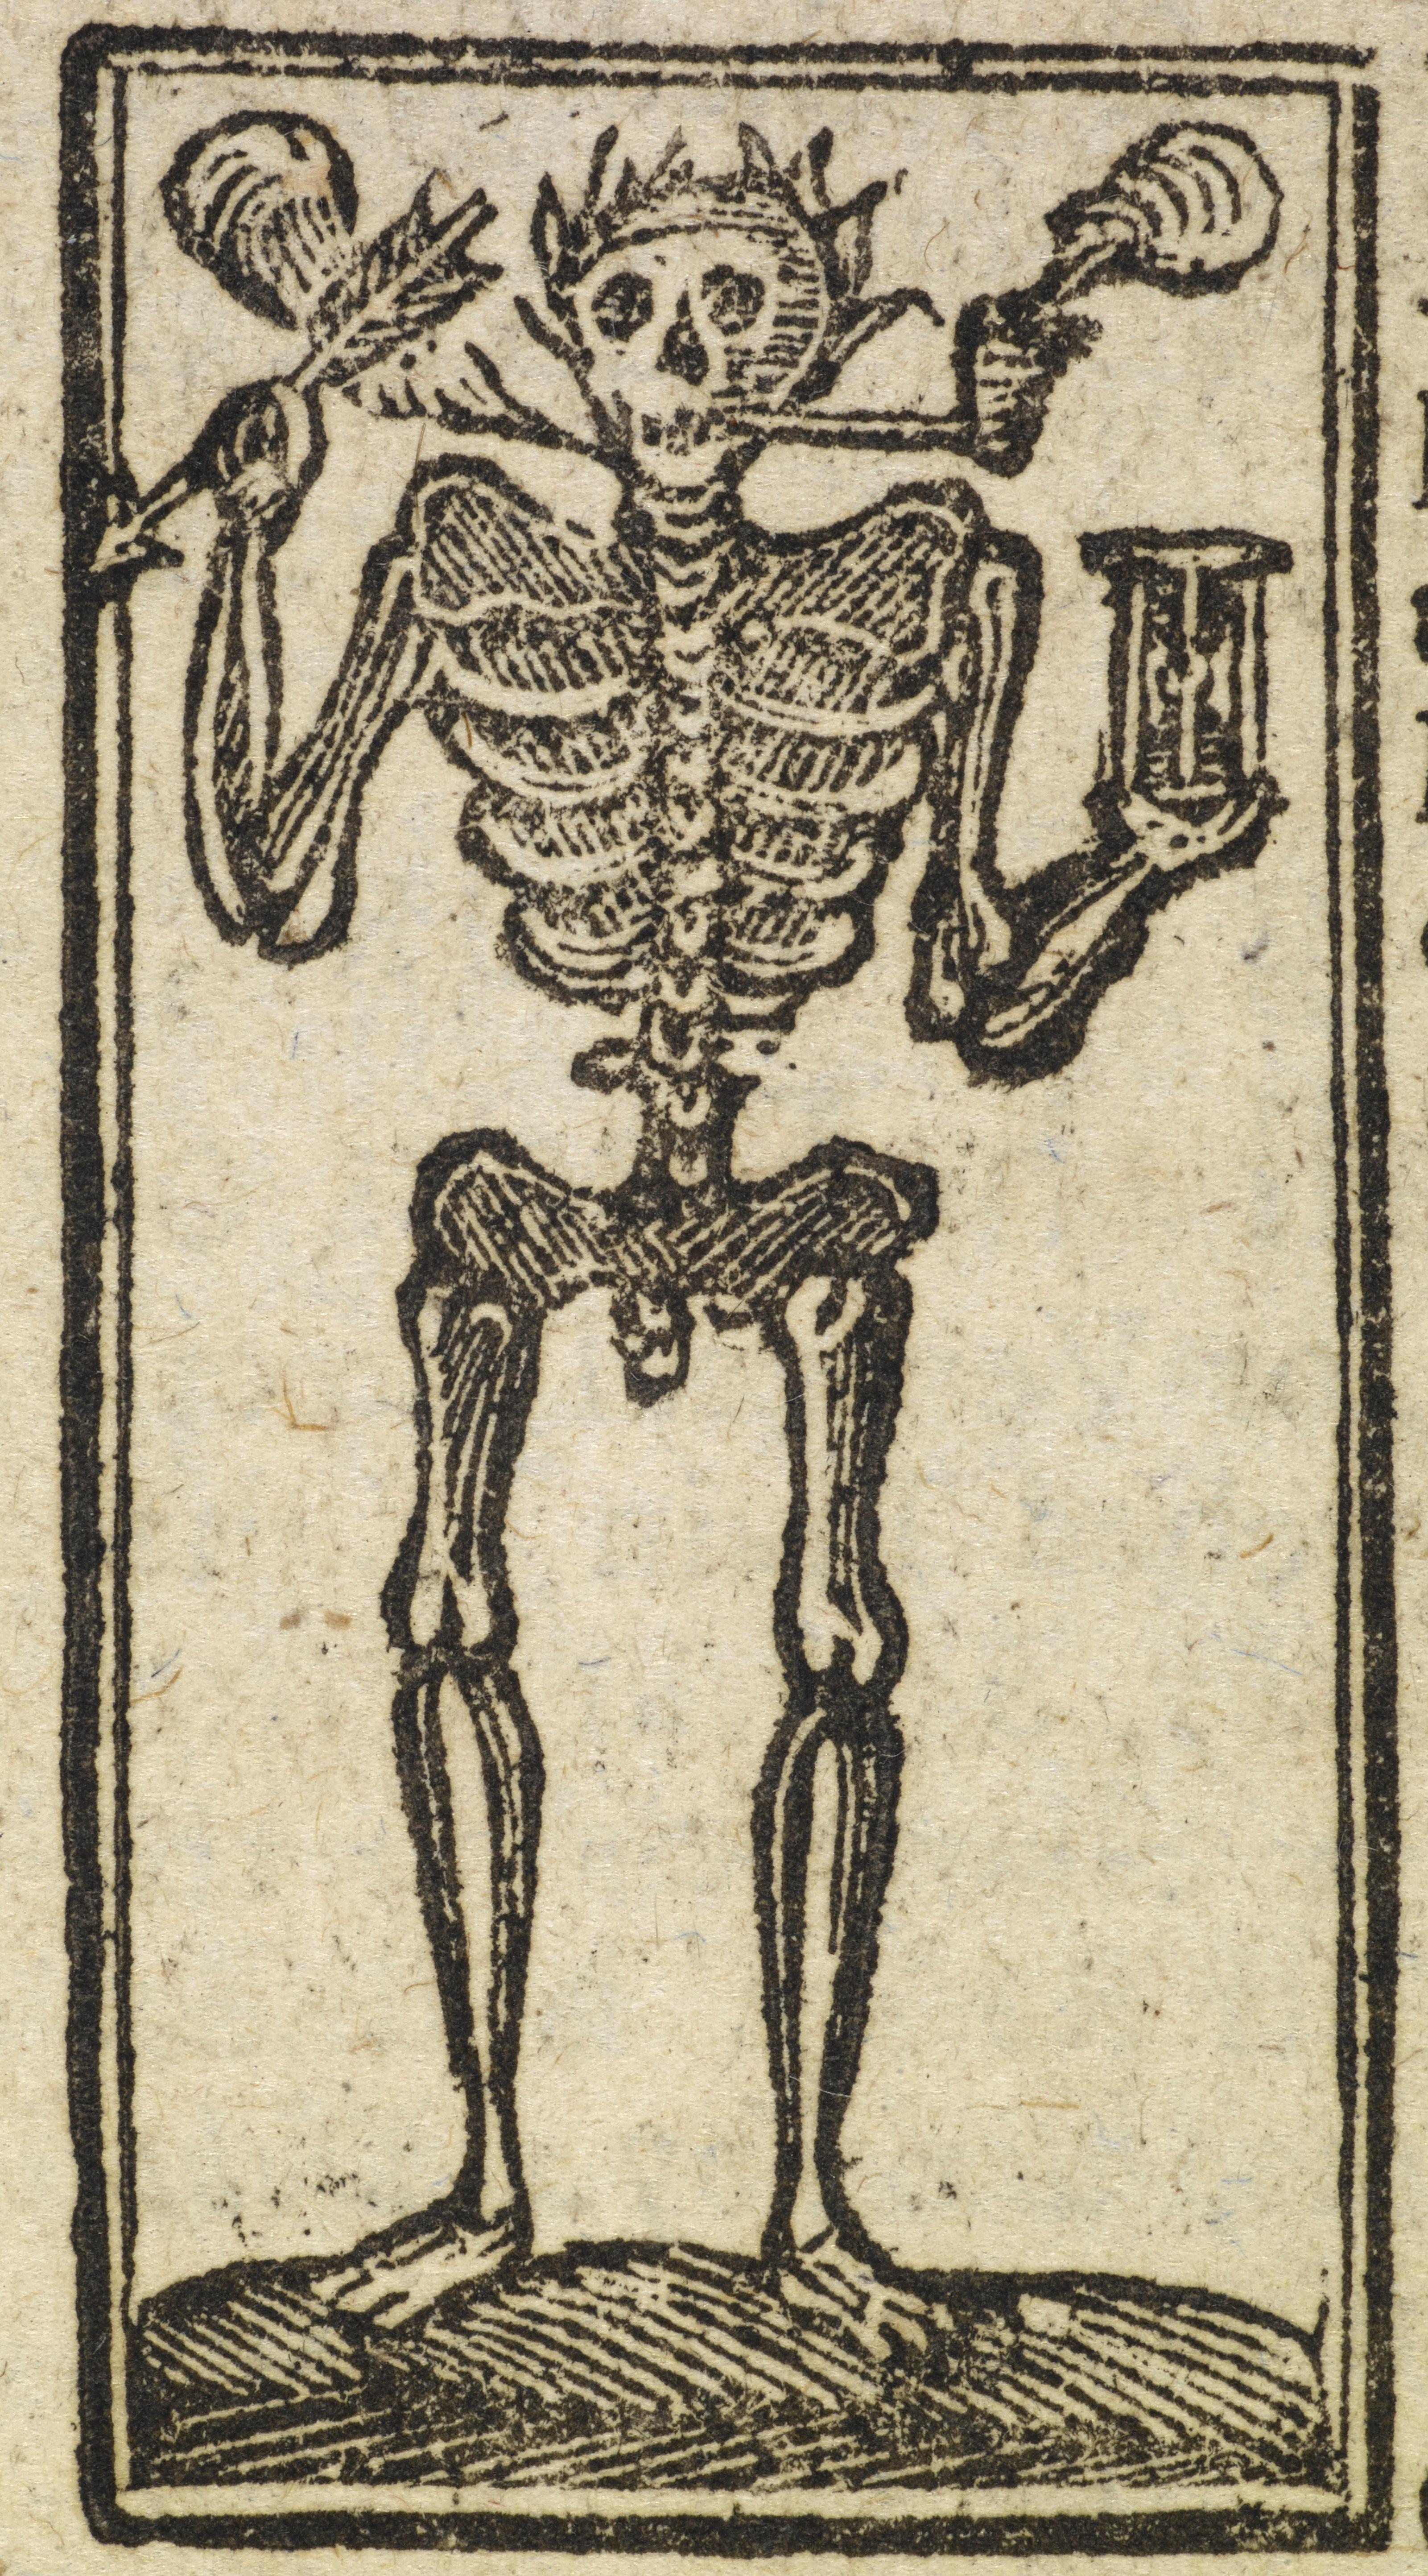 skeletons – Anita Guerrini